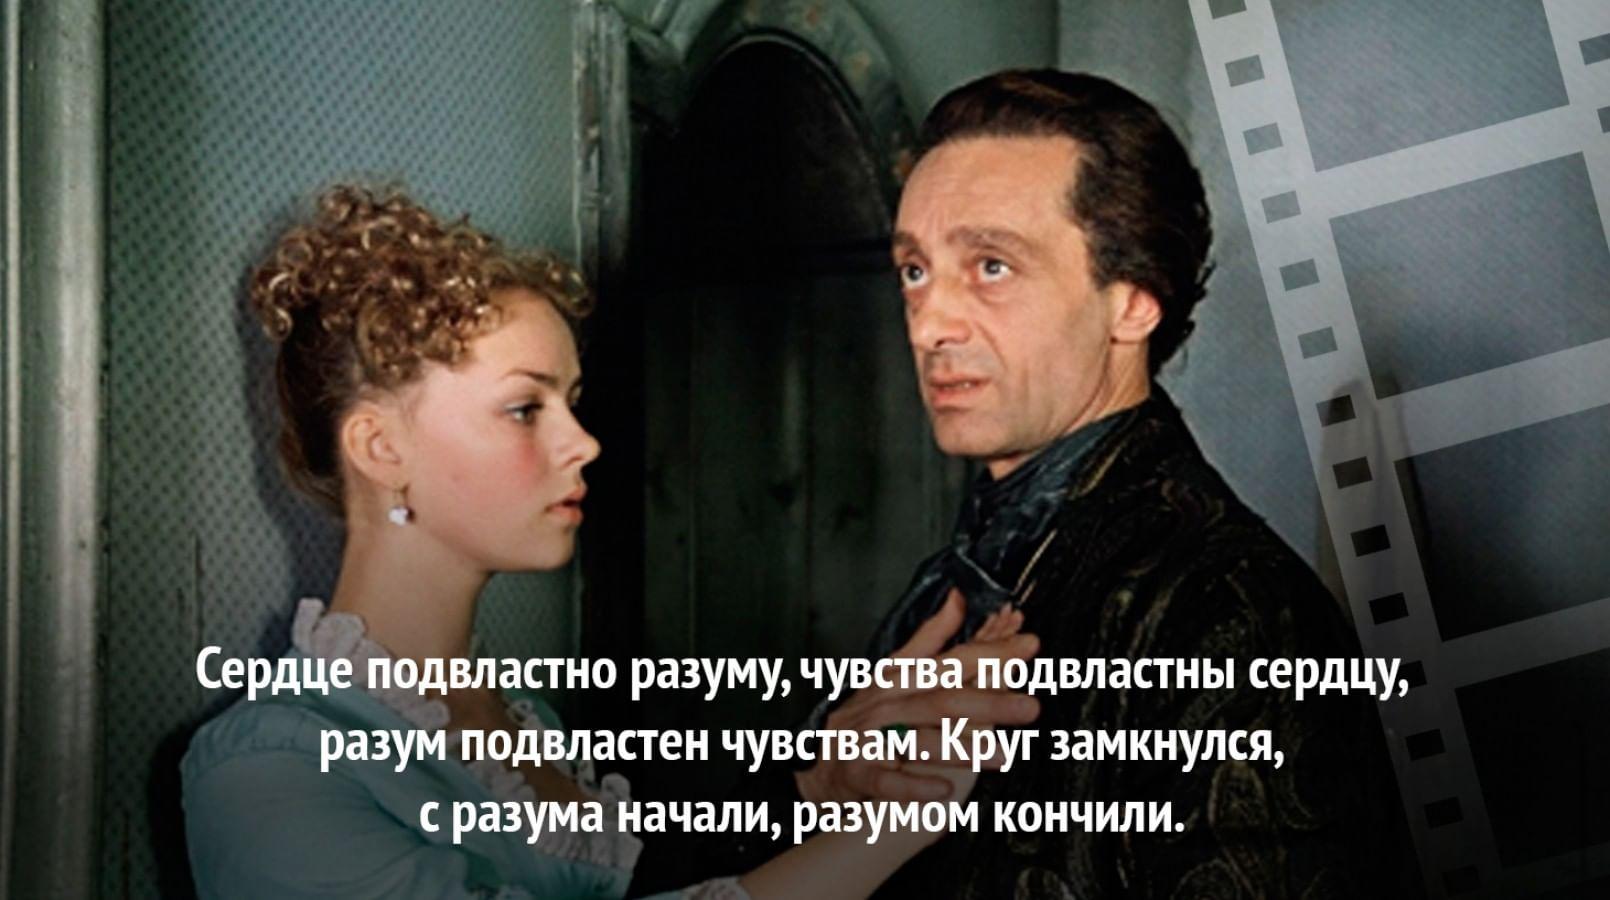 Граф Калиостро в «Формуле любви» уверял, что он черный маг.